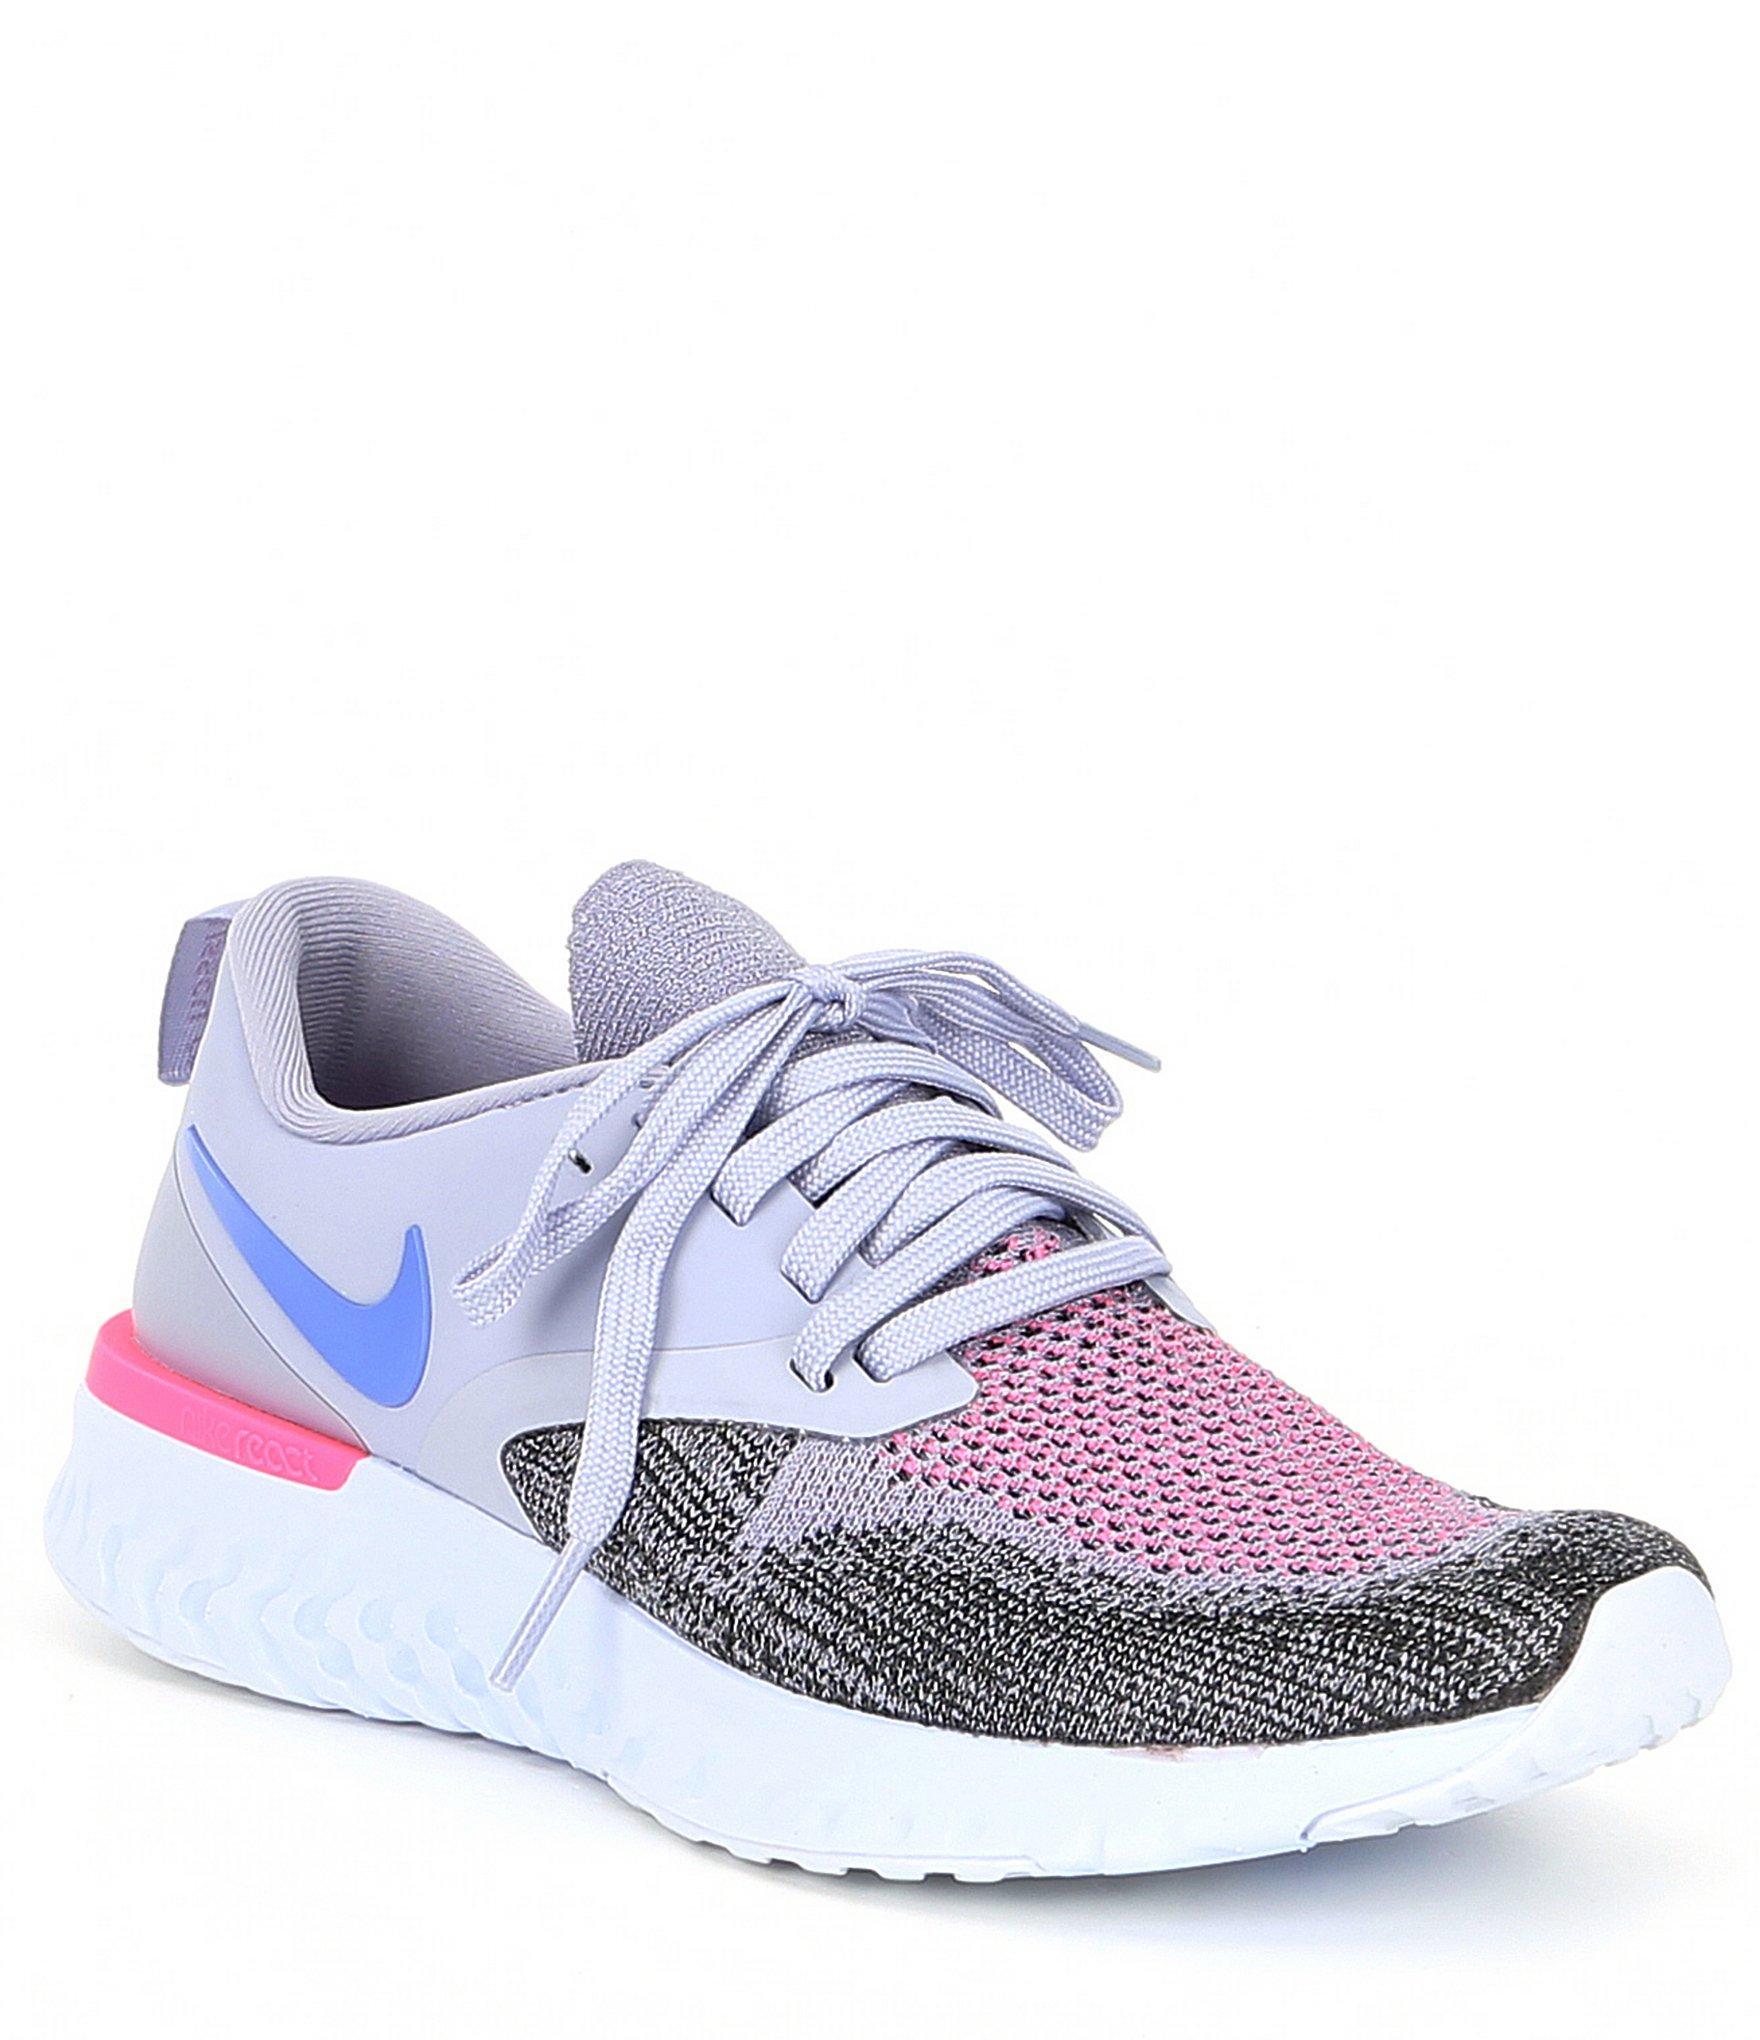 6e89e6310 Lyst - Nike Women s Odyssey React 2 Flyknit Running Shoe in Purple